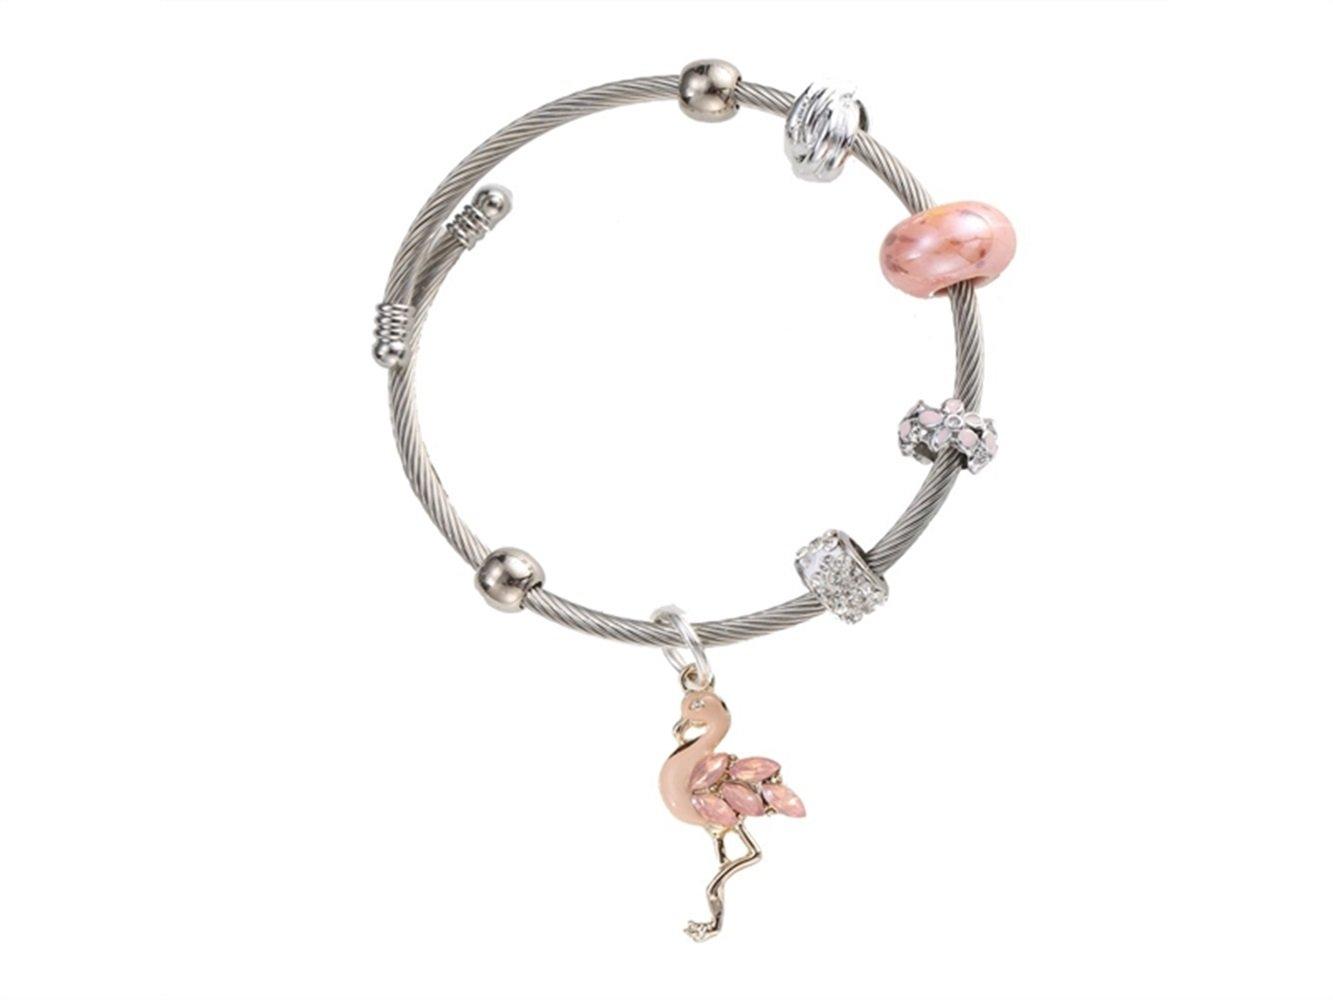 JKHGJUH Alla moda Bracciali gioielli in cristallo fenicotteri creativi Bracciali argento placcati per donne (rosa)